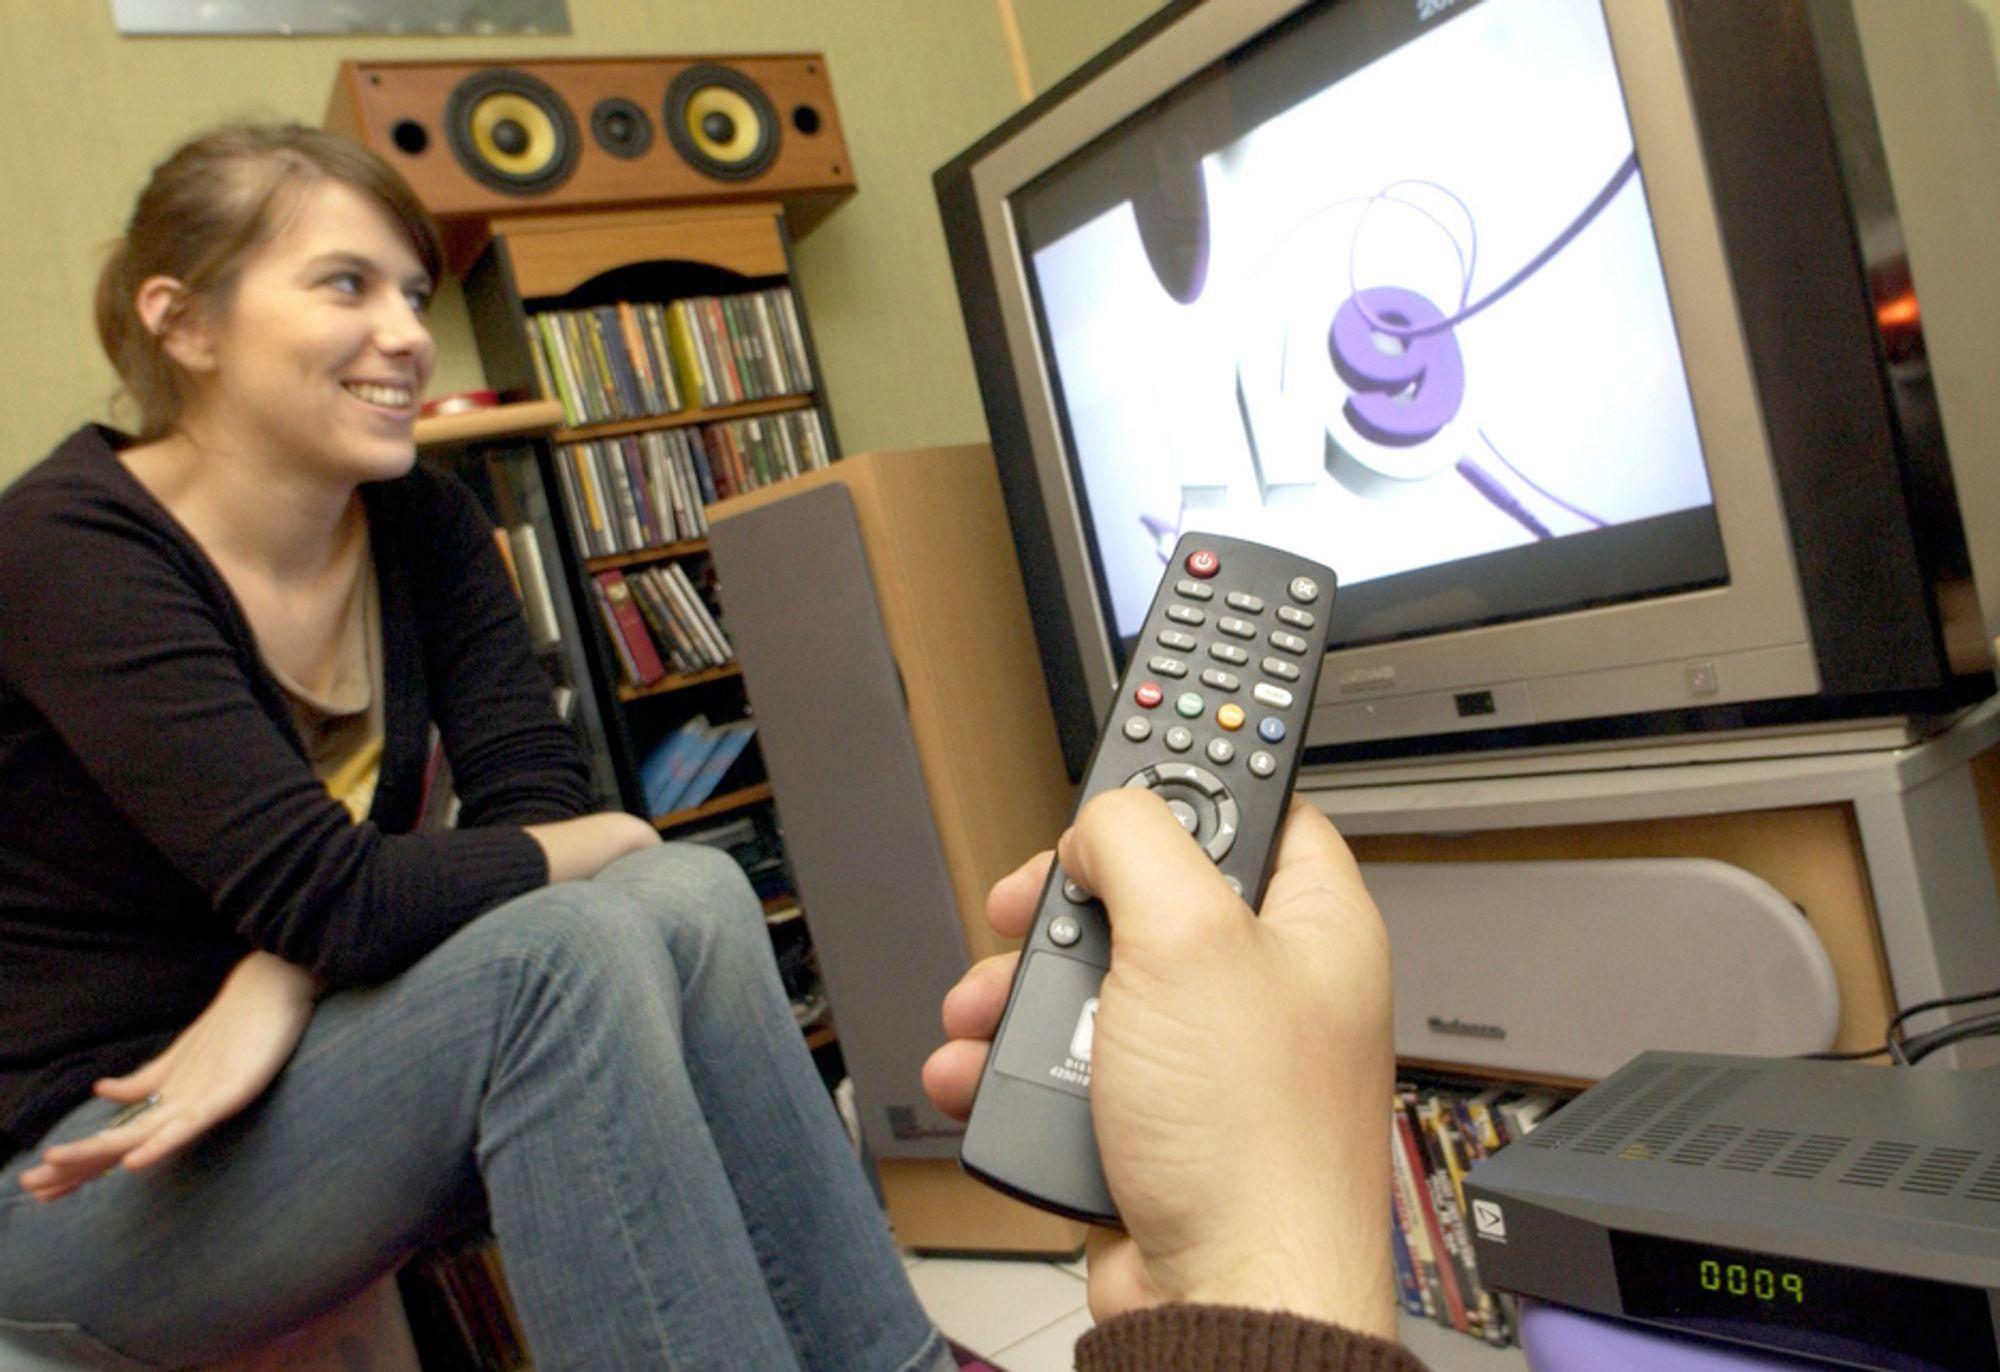 Fransk åpning i Norge for digital-TV